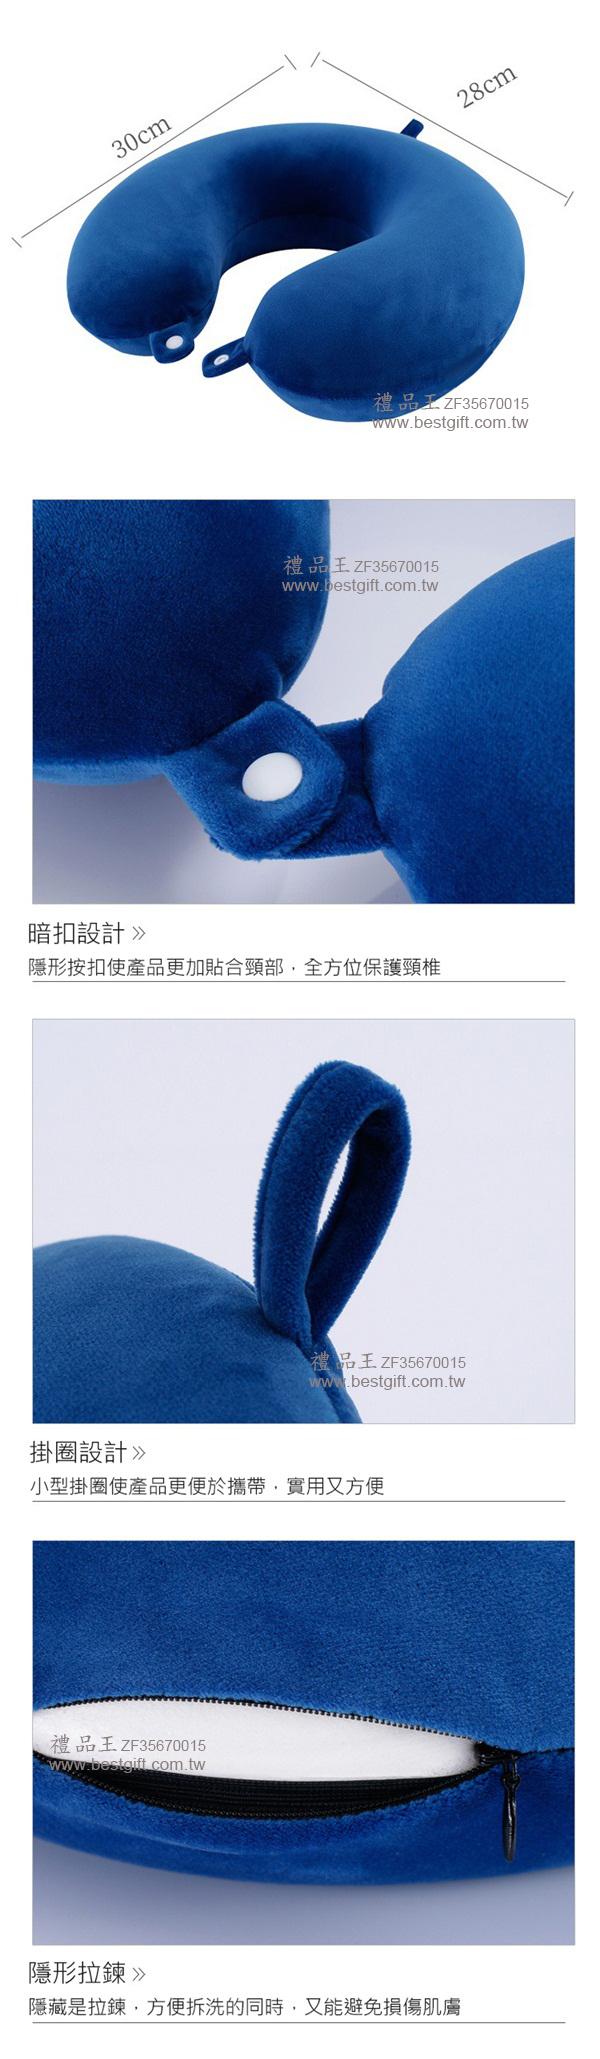 絨毛記憶U型枕  商品貨號: ZF35670015